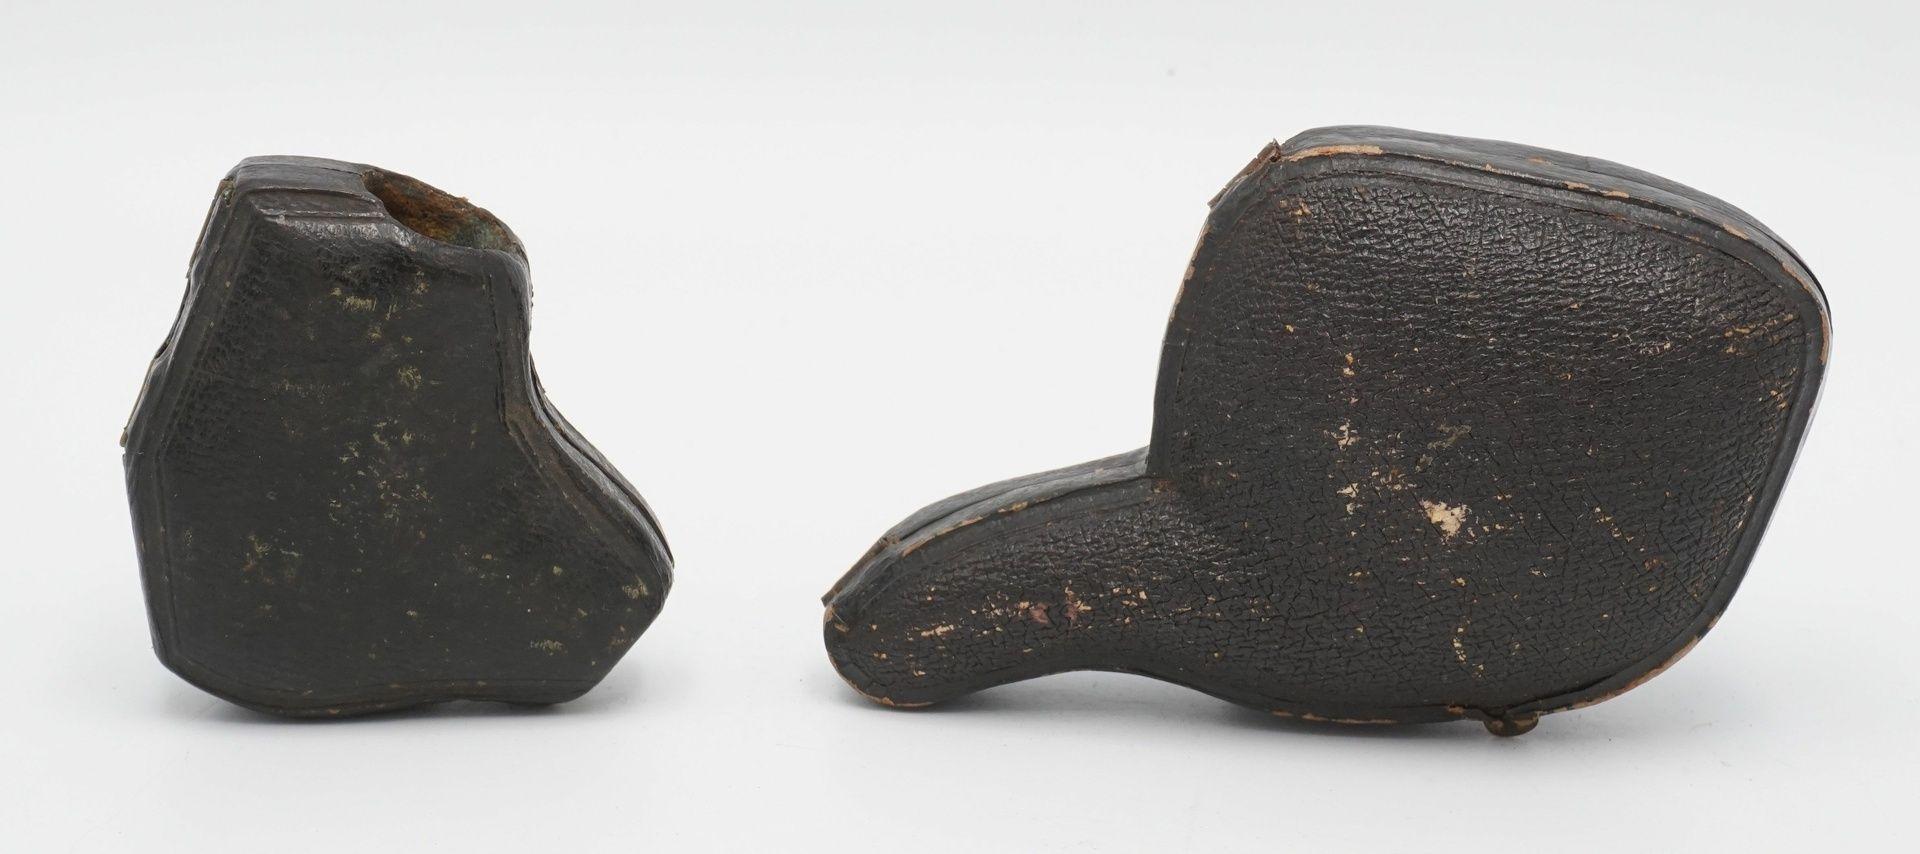 Zwei kleine Meerschaumpfeifen - Bild 6 aus 6